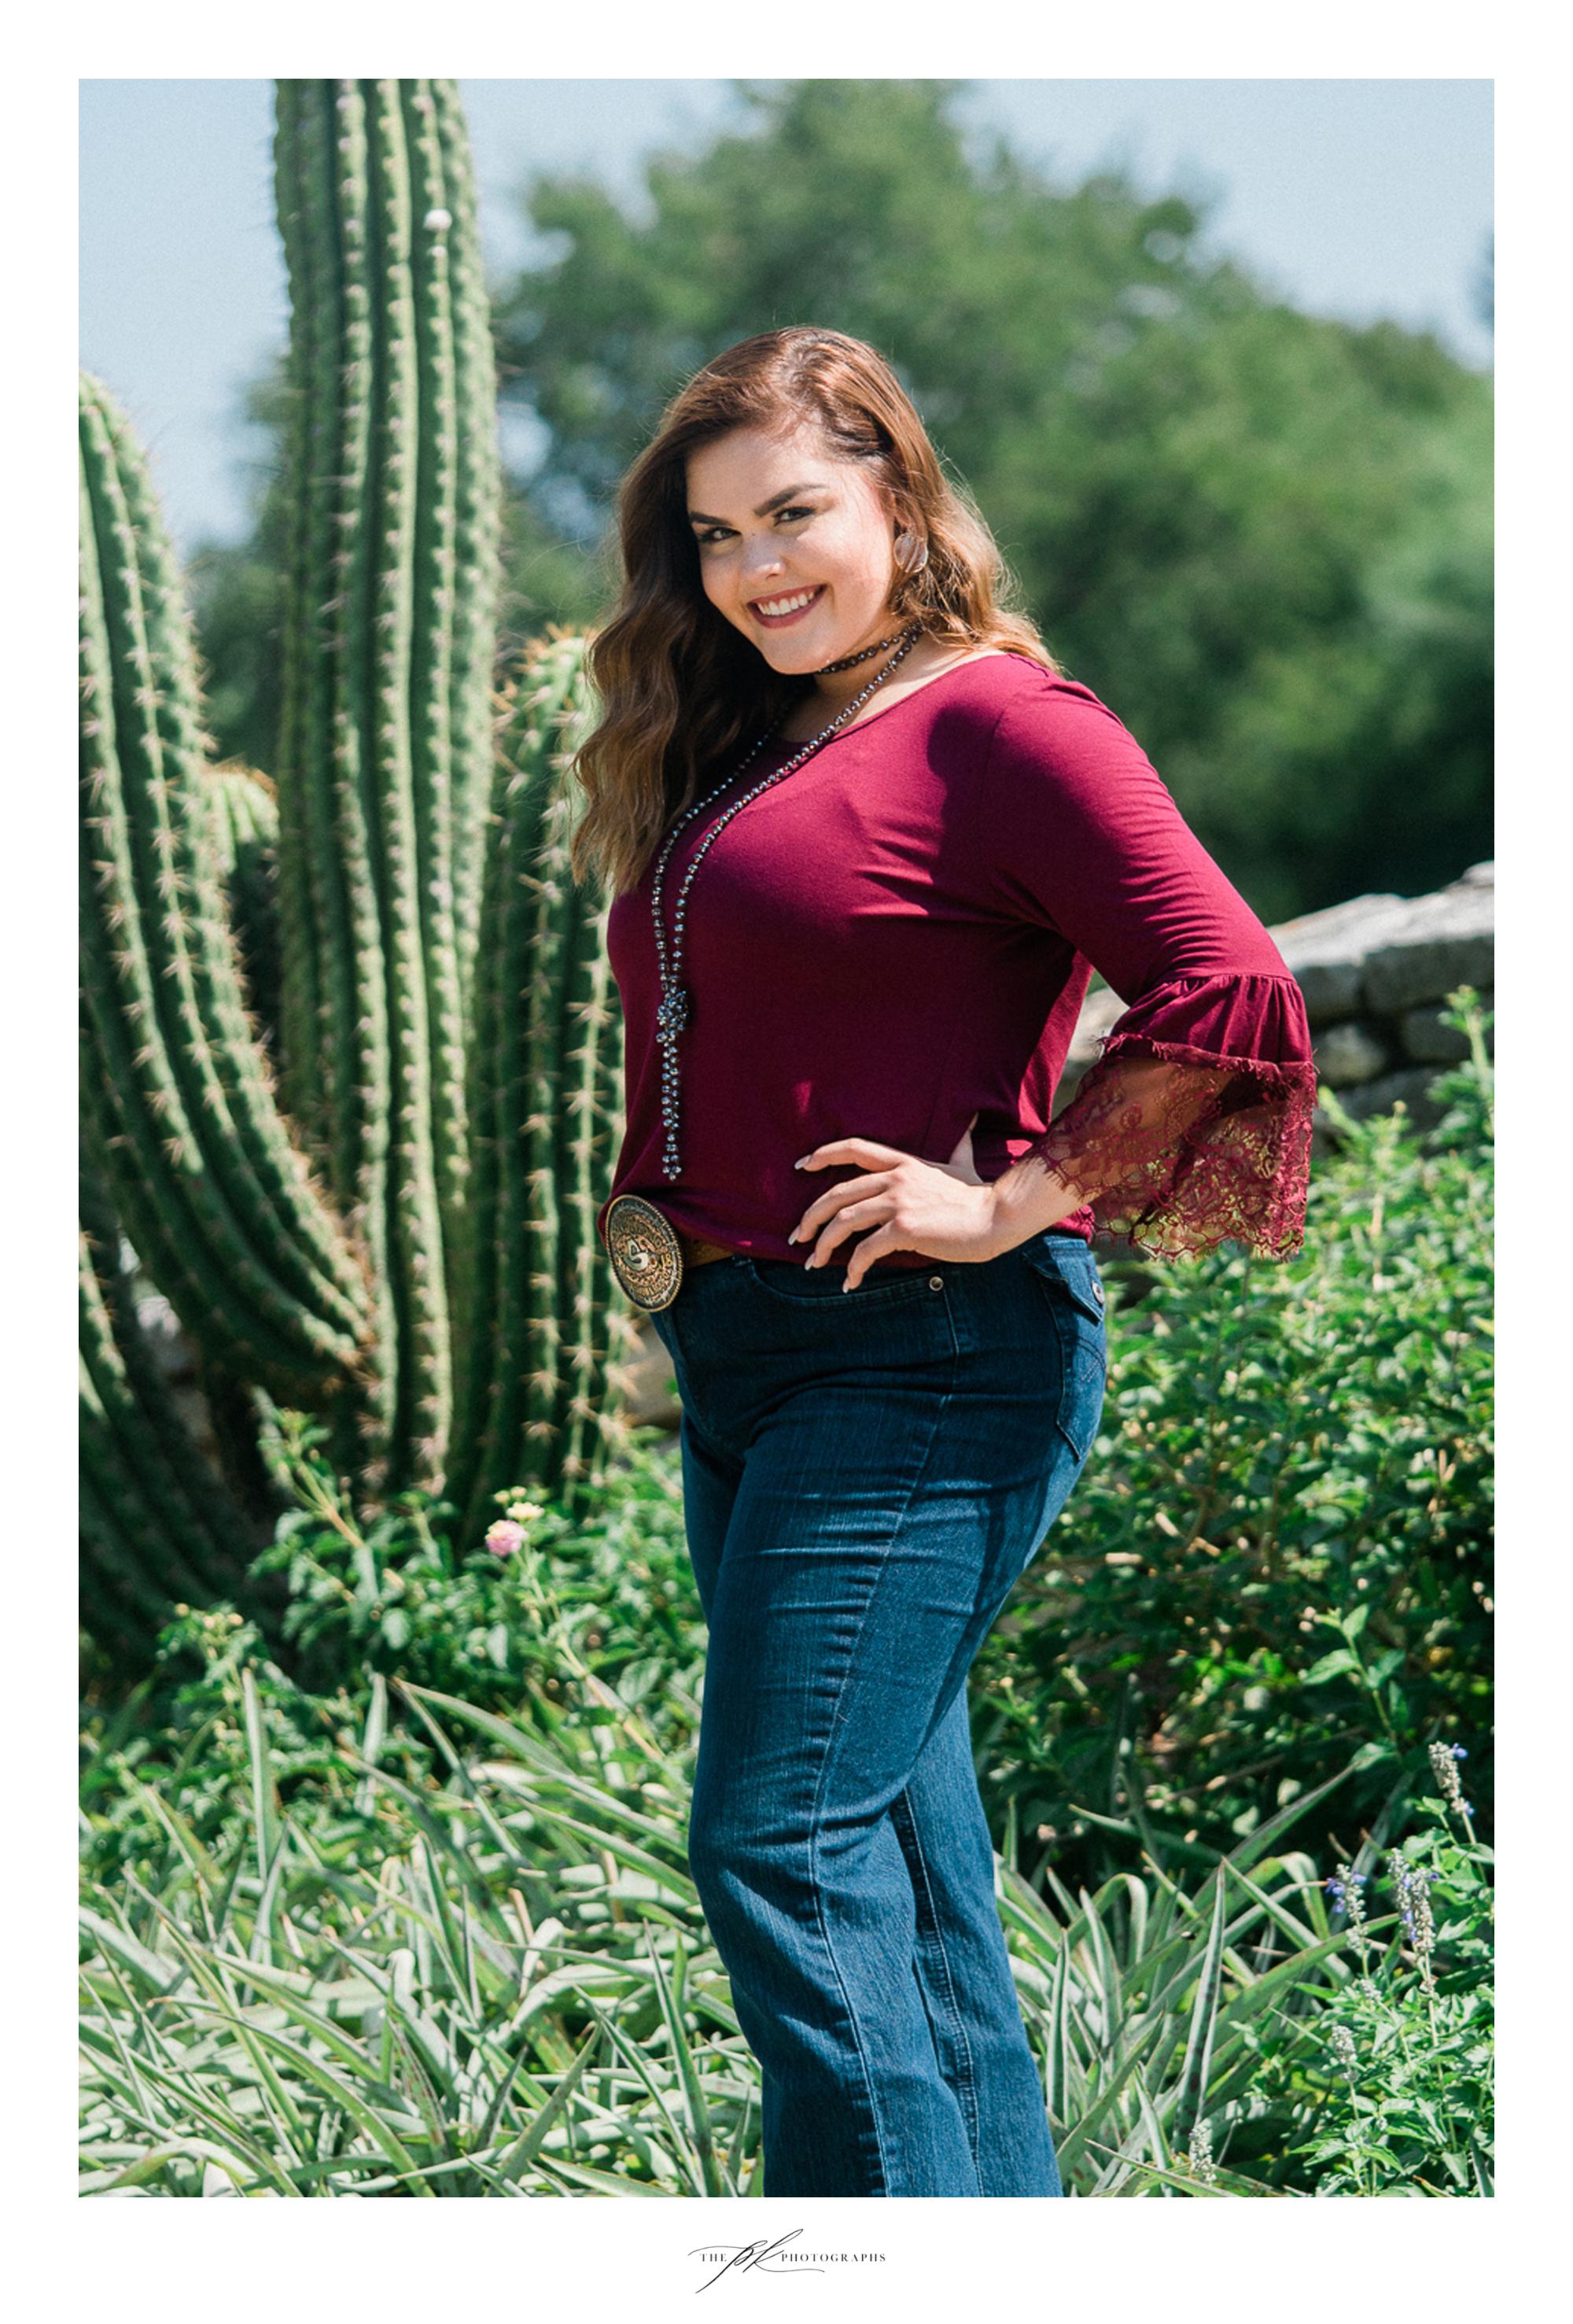 Senior portraits of Malorie at the San Antonio Botanical Gardens